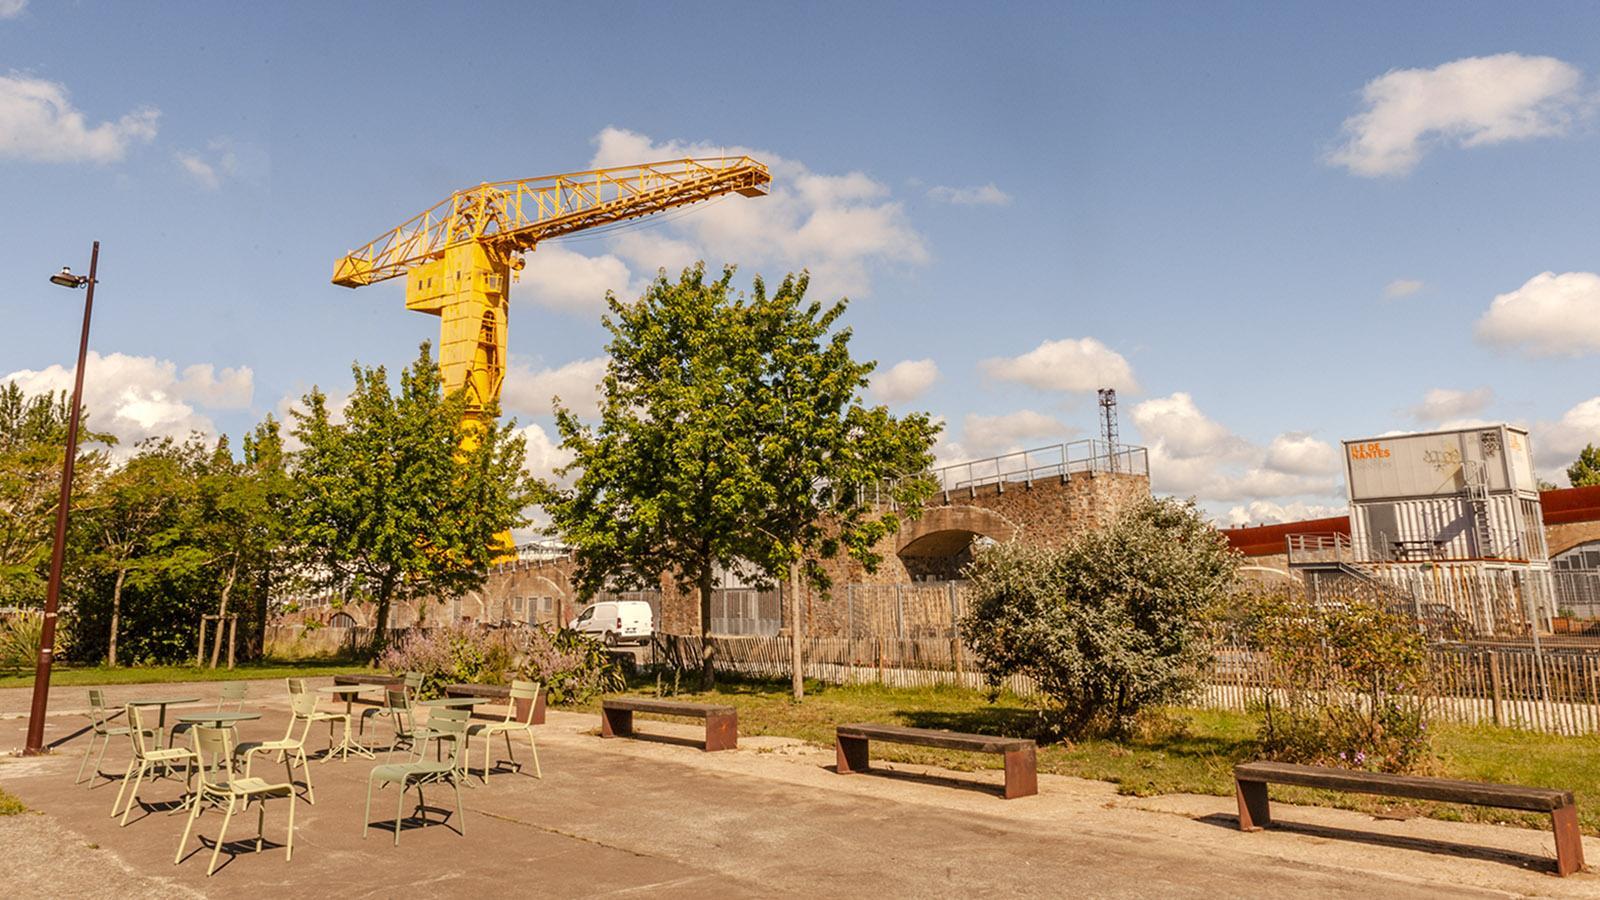 Wahrzeichen der Île de Nantes: der gelbe Kran. Foto: Hilke Maunder